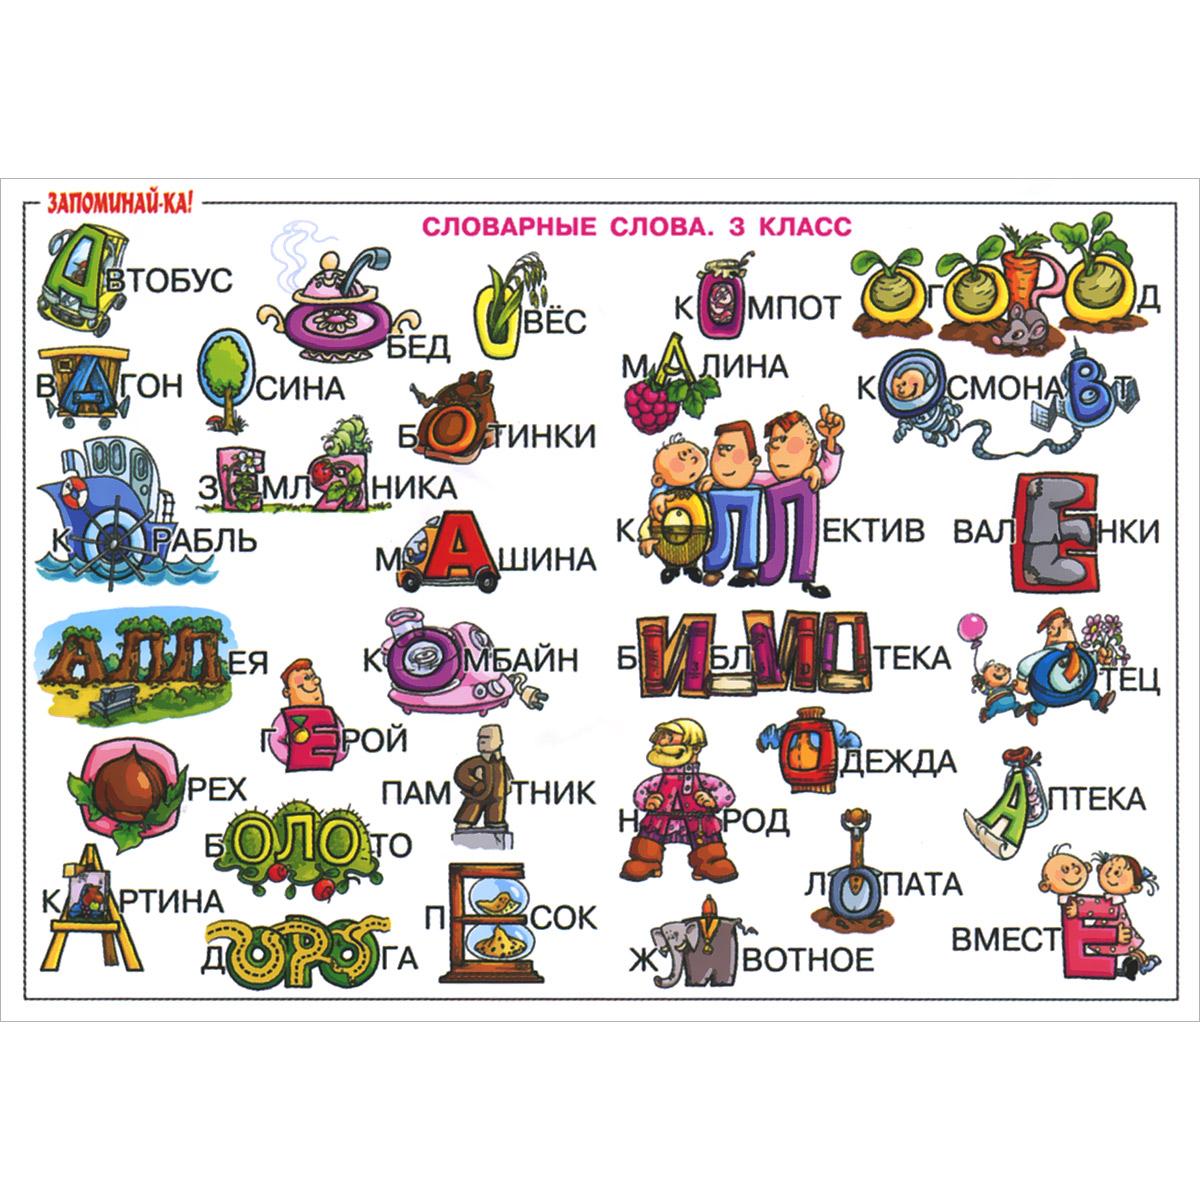 Проект словарные слова в картинках